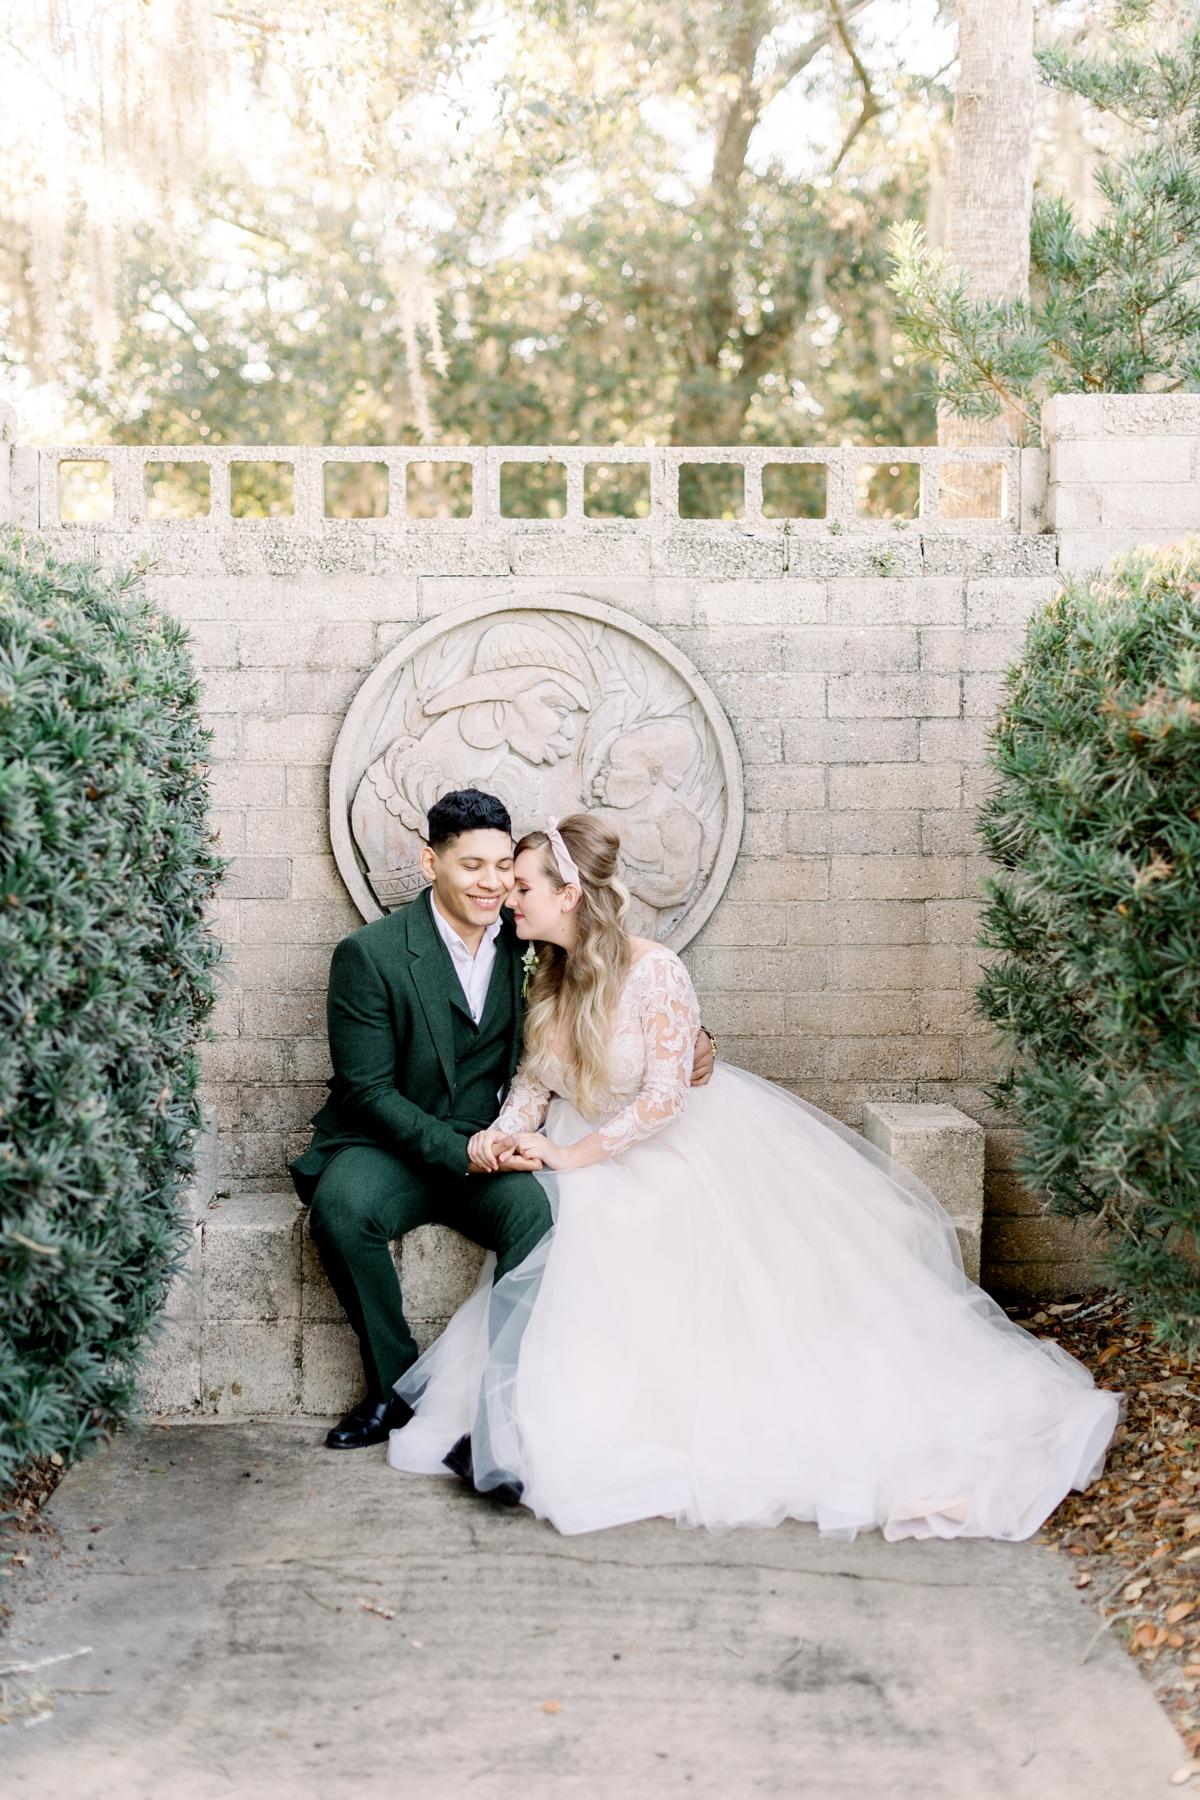 Orlando Photography wedding idea